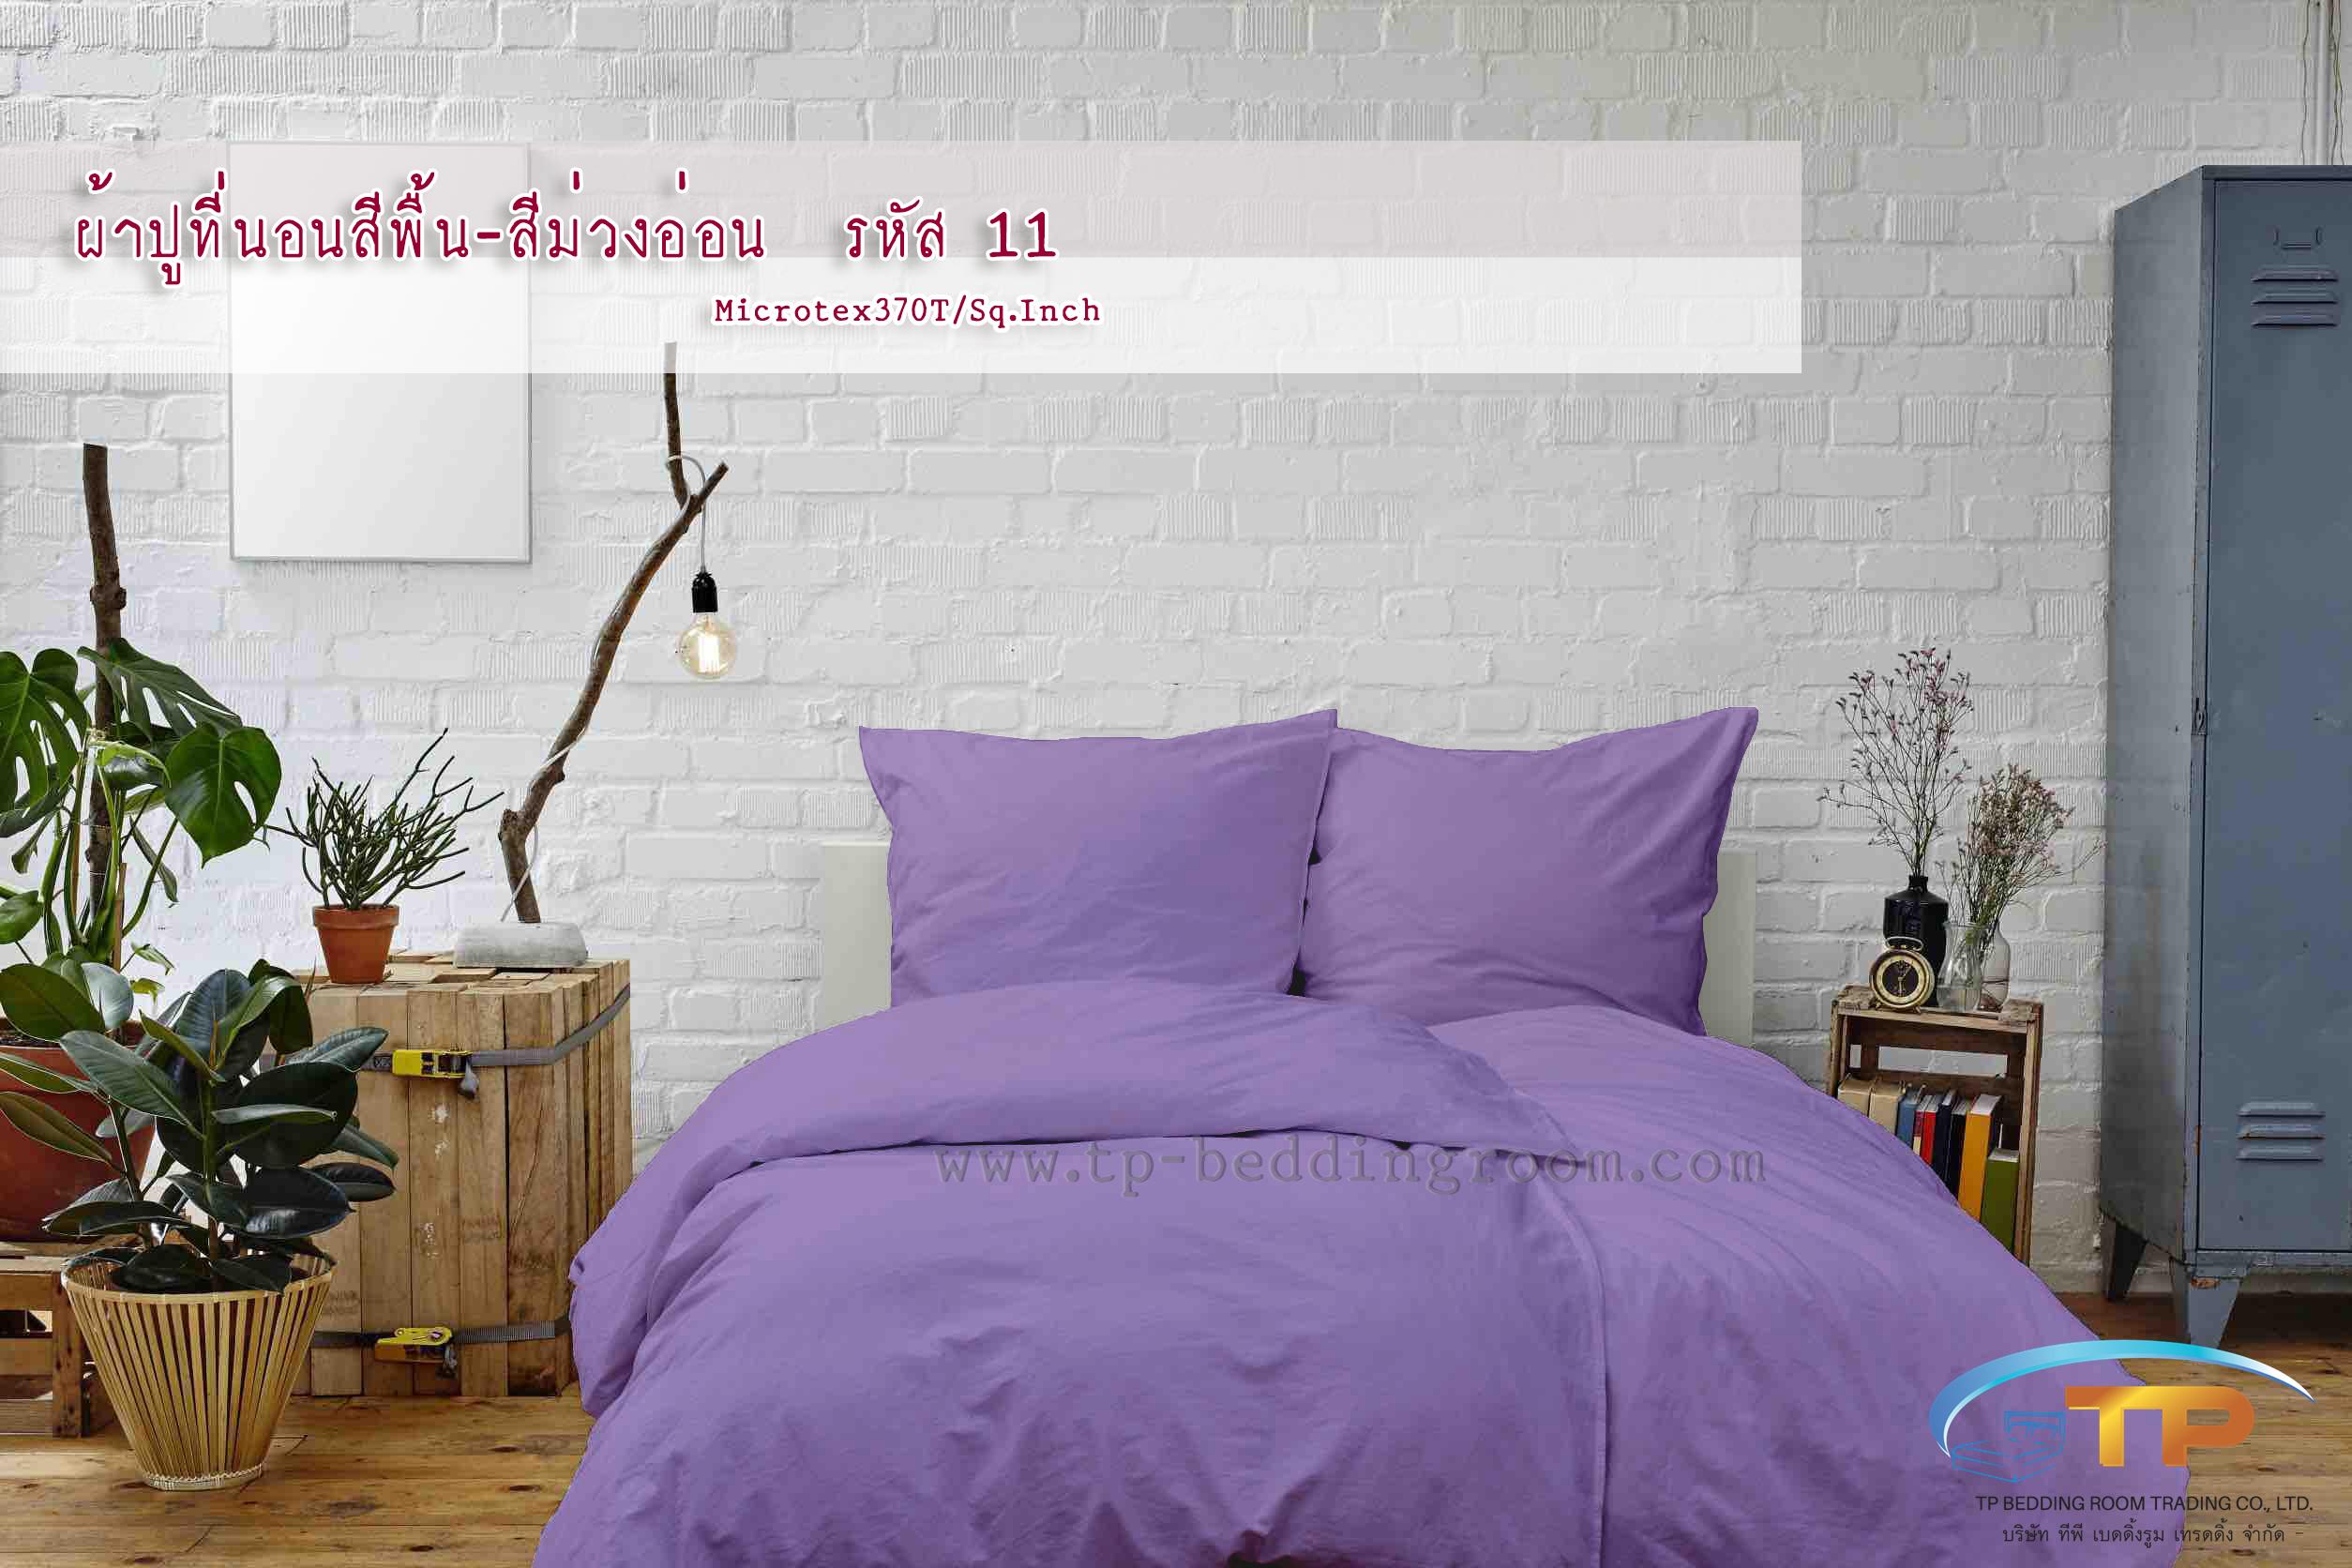 ผ้าปูที่นอนสีม่วงอ่อน รหัส 11